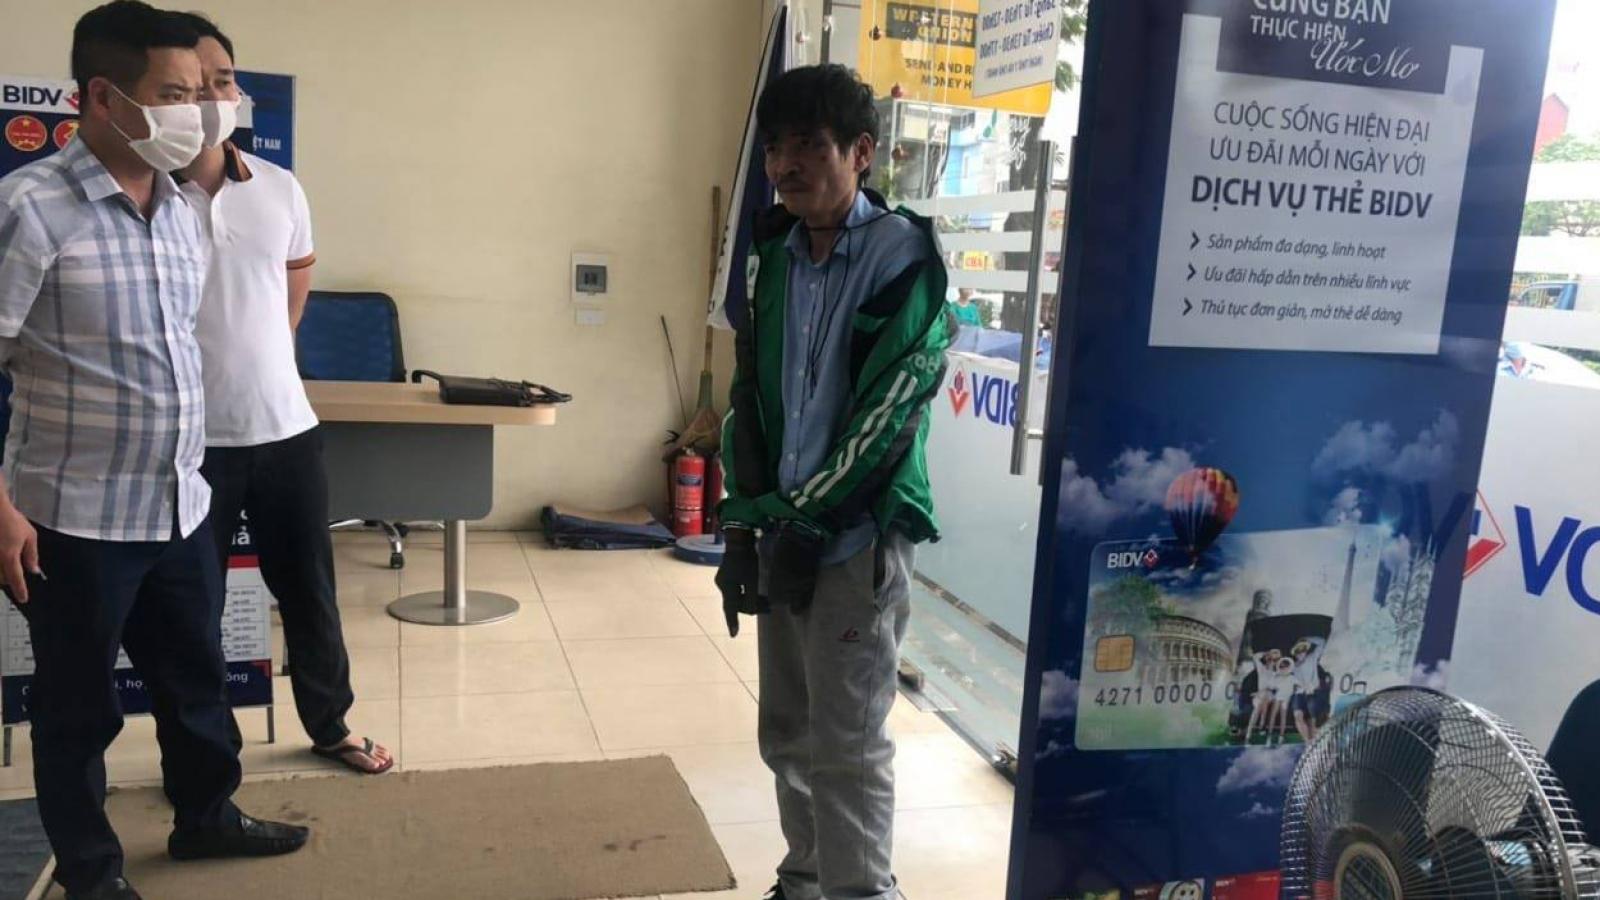 Vụ cướp ngân hàng ở Hà Nội: Đi cướp để trả 40 triệu đồng tiền nợ